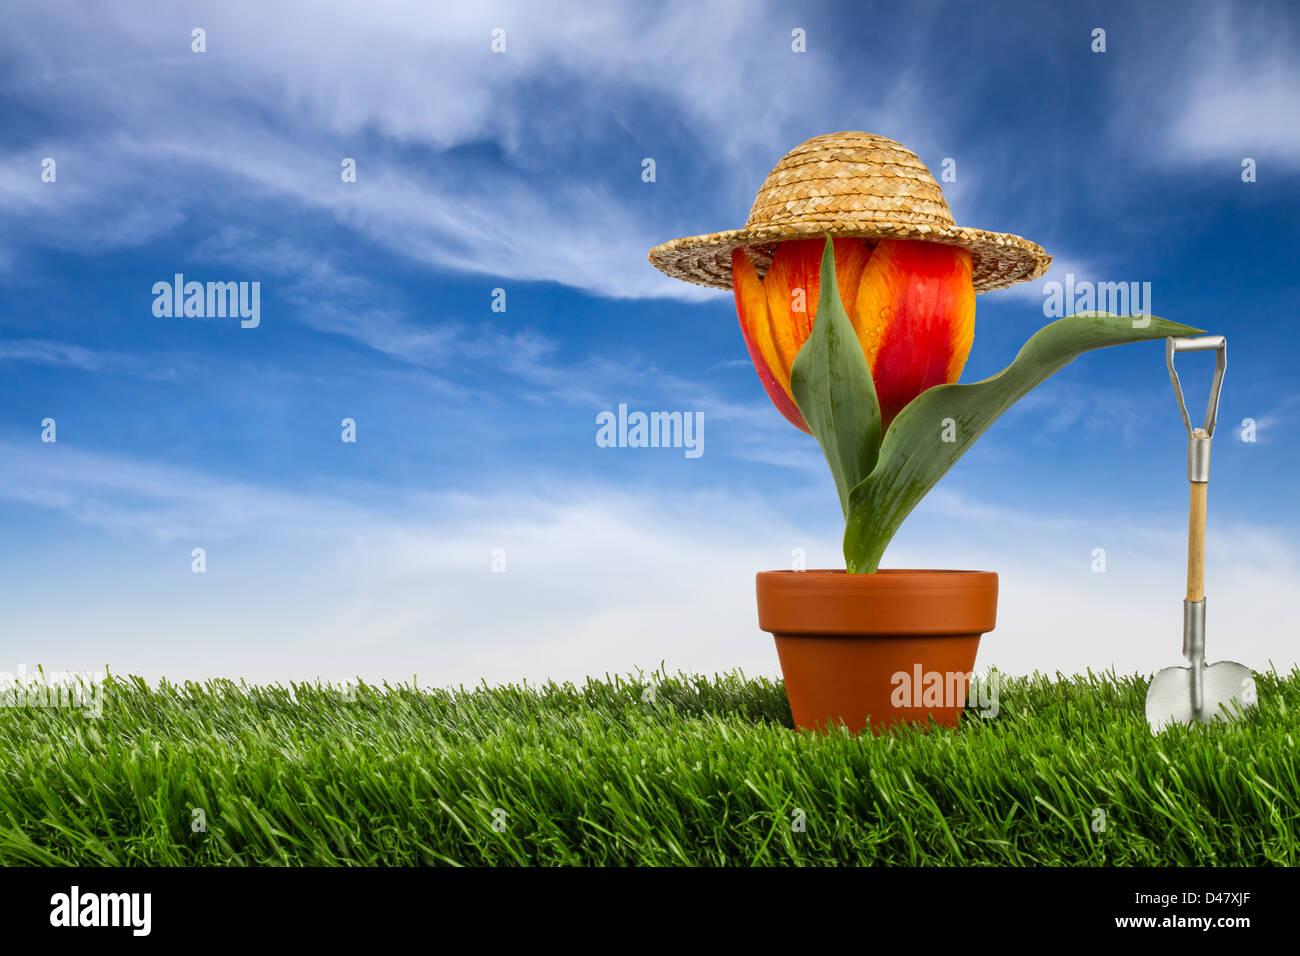 Tulpe mit Sonnenhut auf Wiese vor blauem Himmel - Stock Image